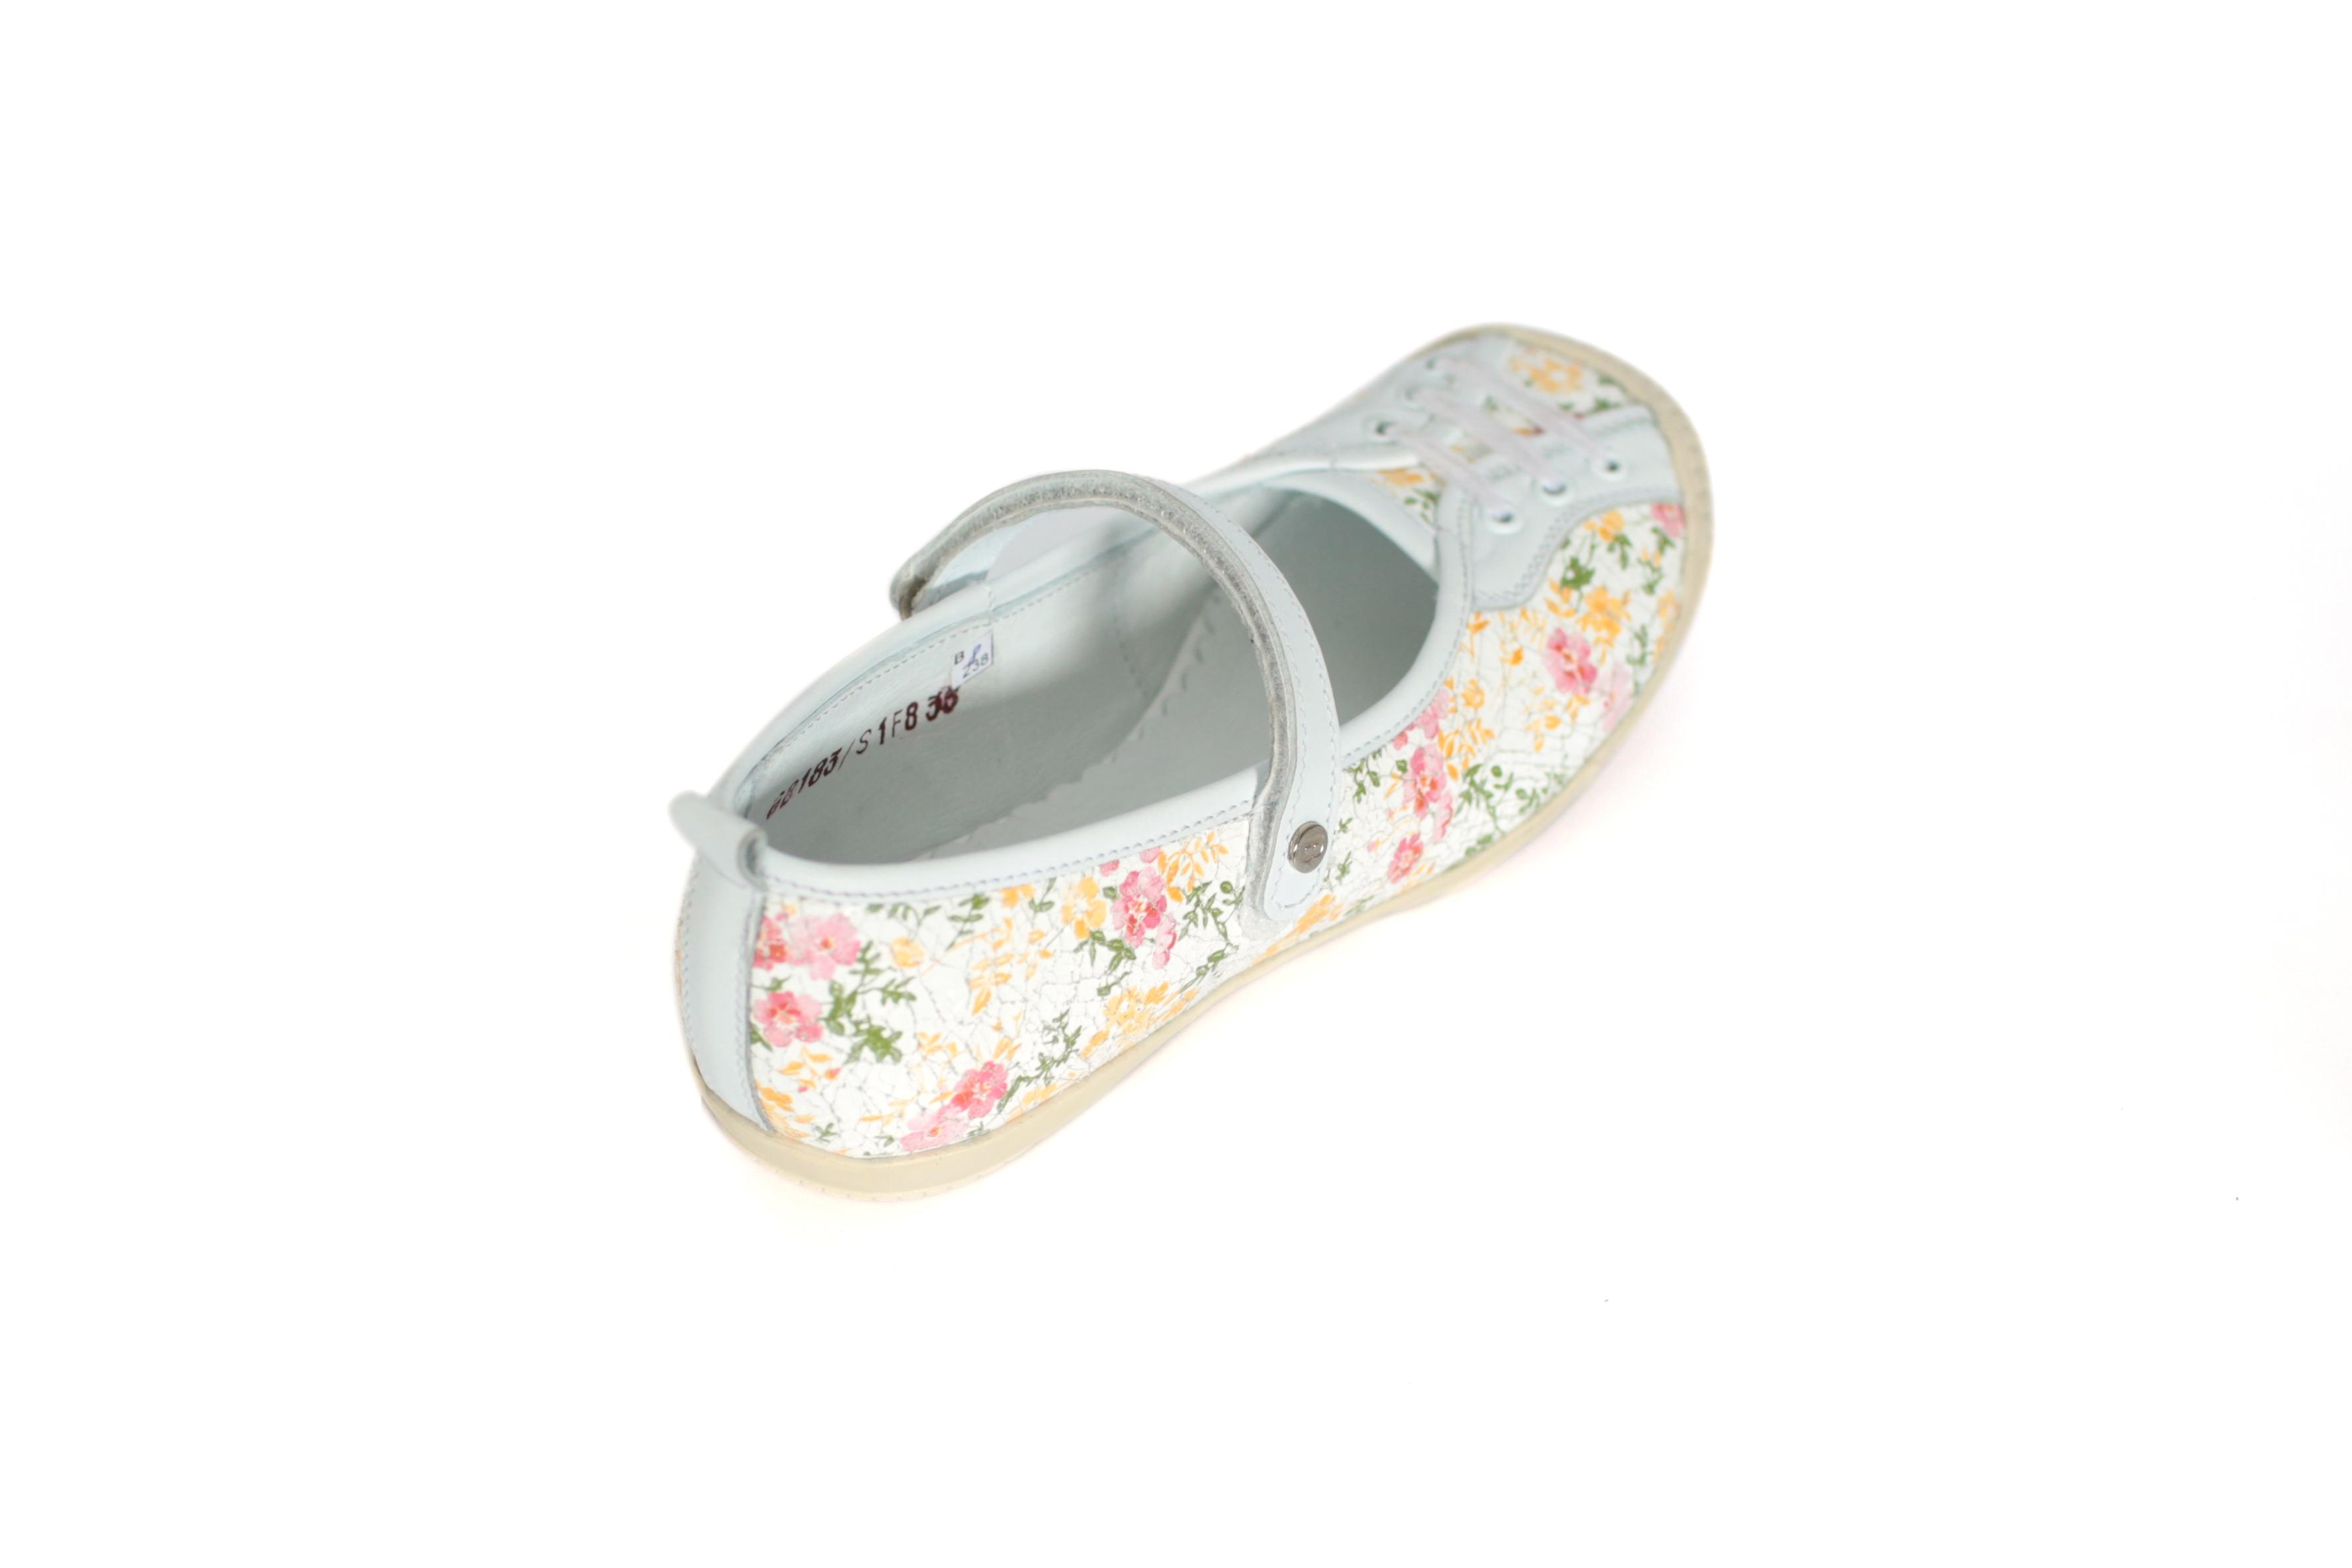 Дитяче взуття - шкіряні балетки для дівчинки Д-387 - Товари ... 6ce862d05aceb